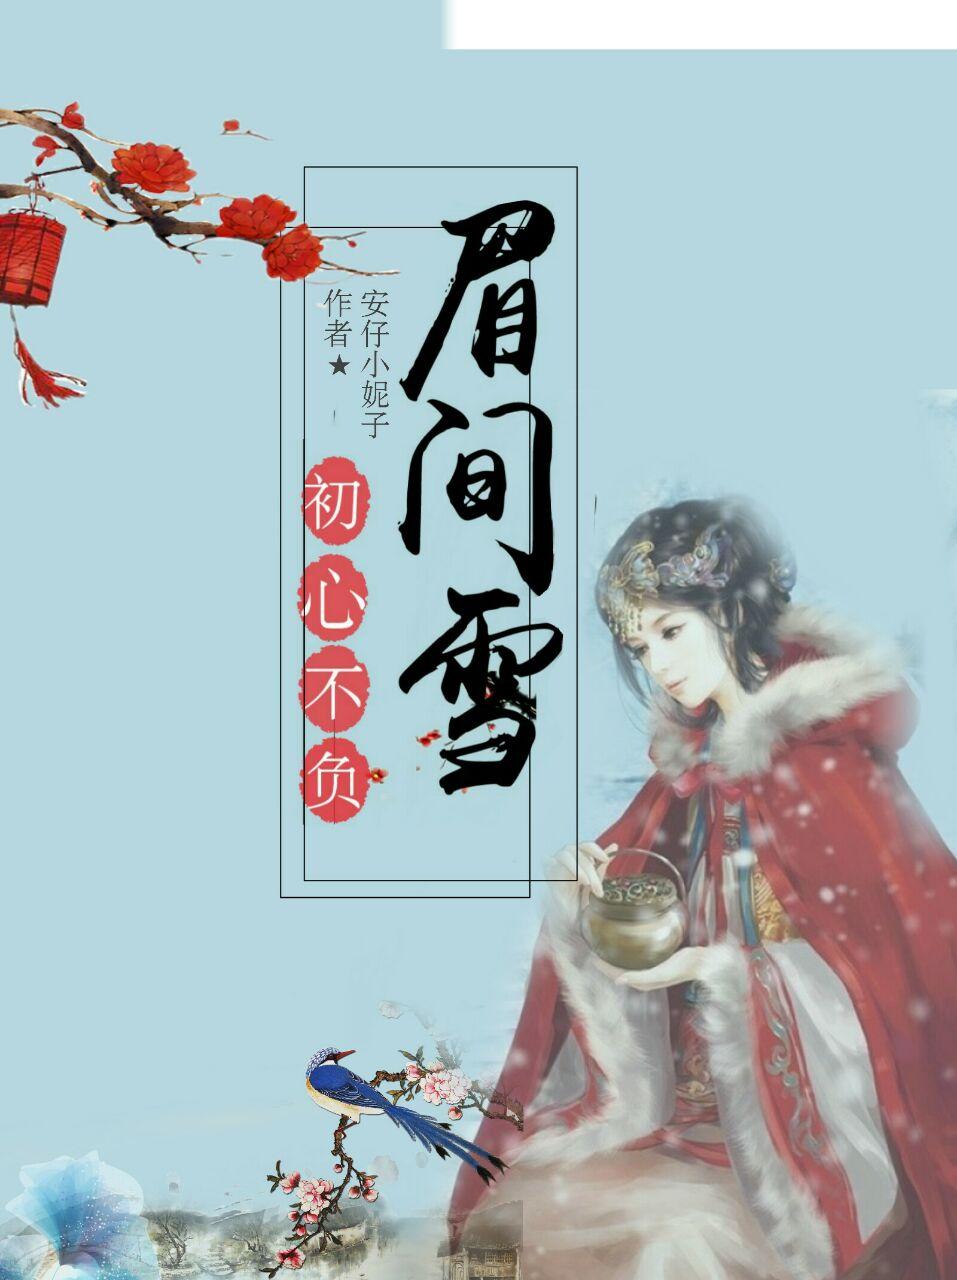 初心不负眉间雪第9章在线阅读 安慕雪轩辕溟小说